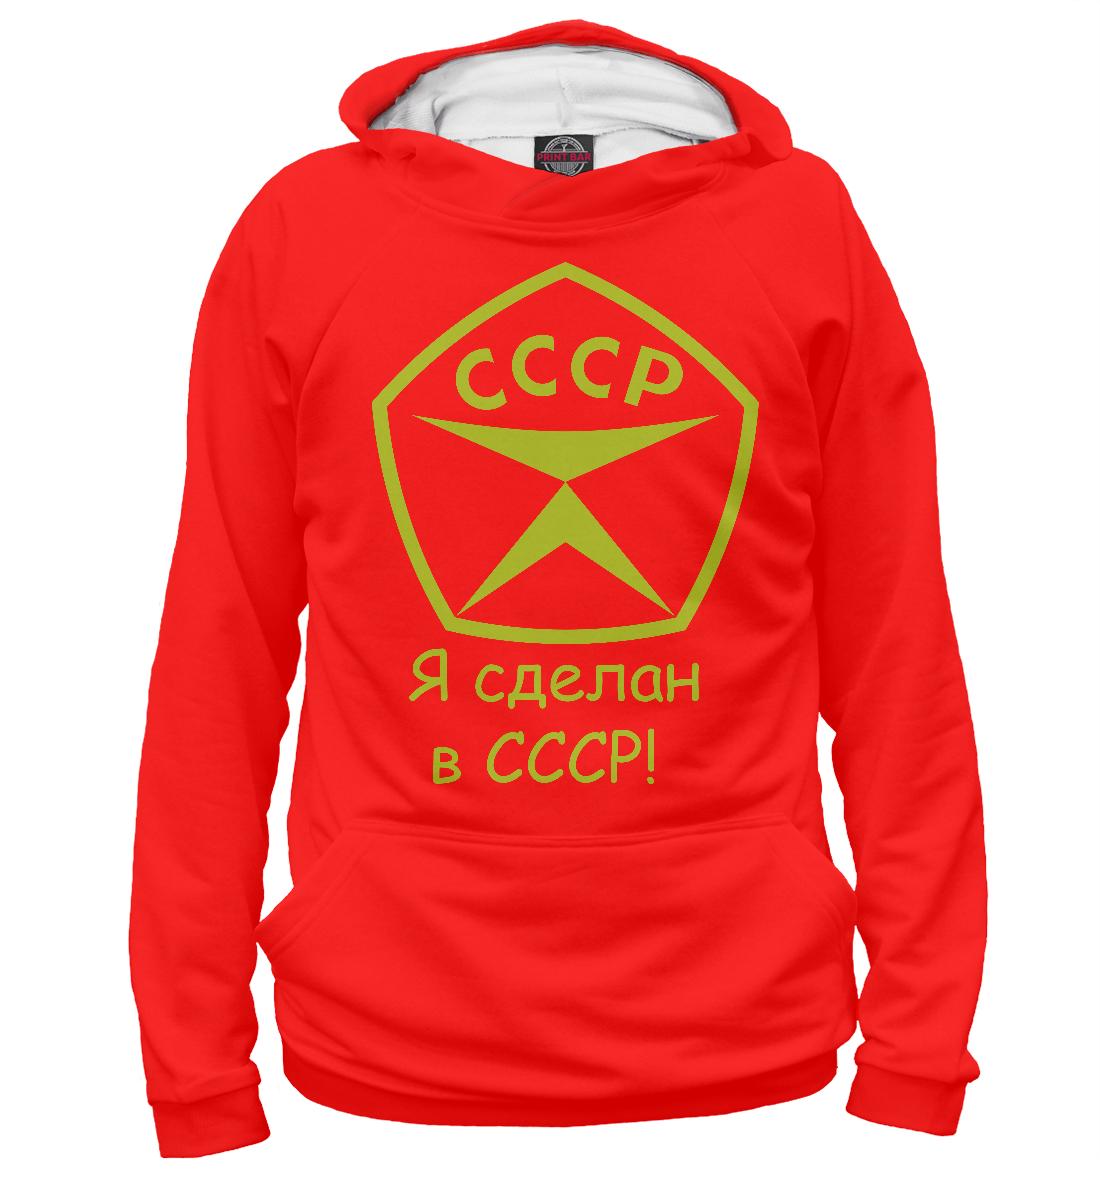 Купить Я сделан в СССР - знак качества!, Printbar, Худи, SSS-231492-hud-2